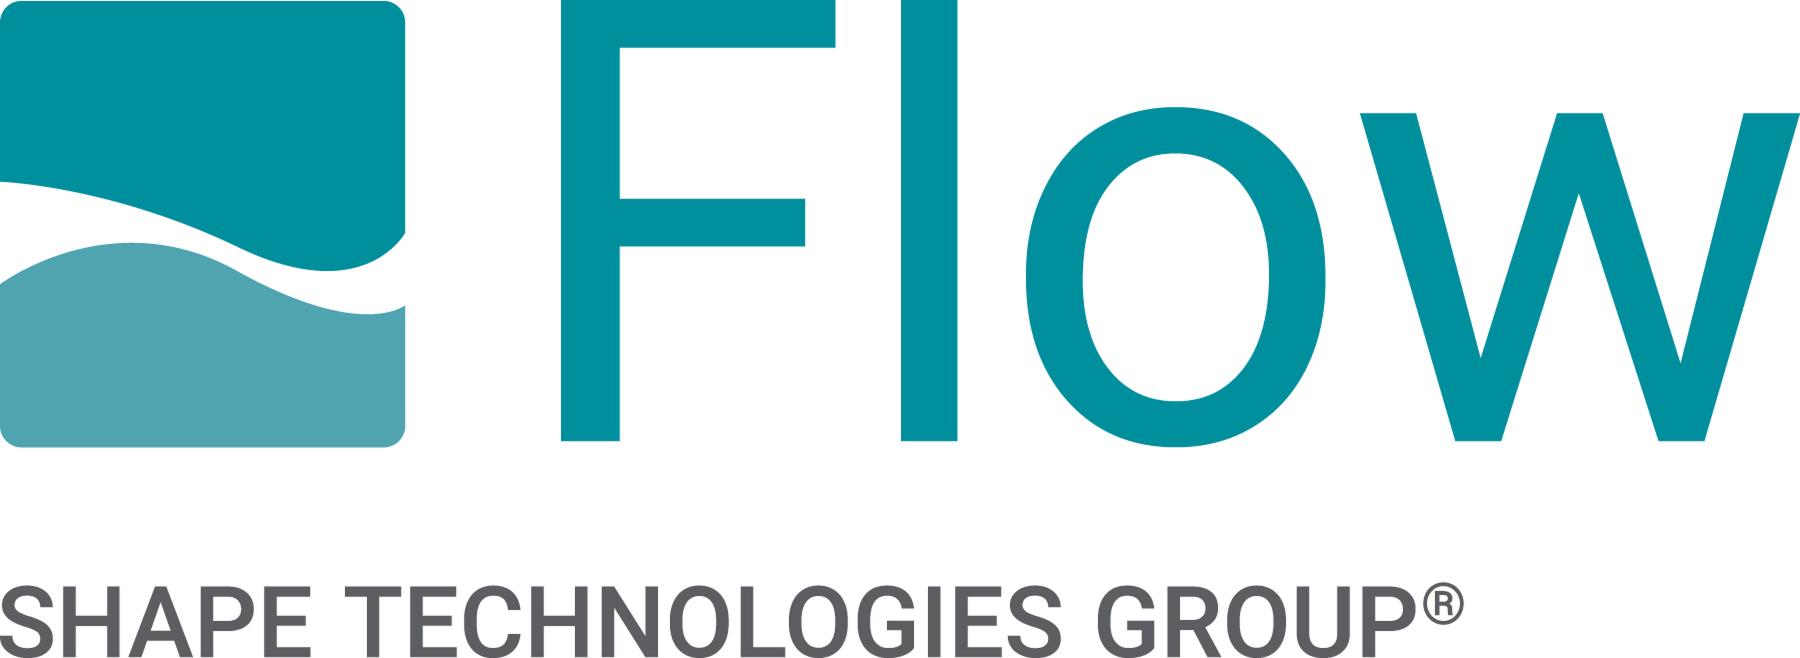 58C12182 C995 9AFB FC3468888E625D98 logo.jpg - Фокусирующие трубки